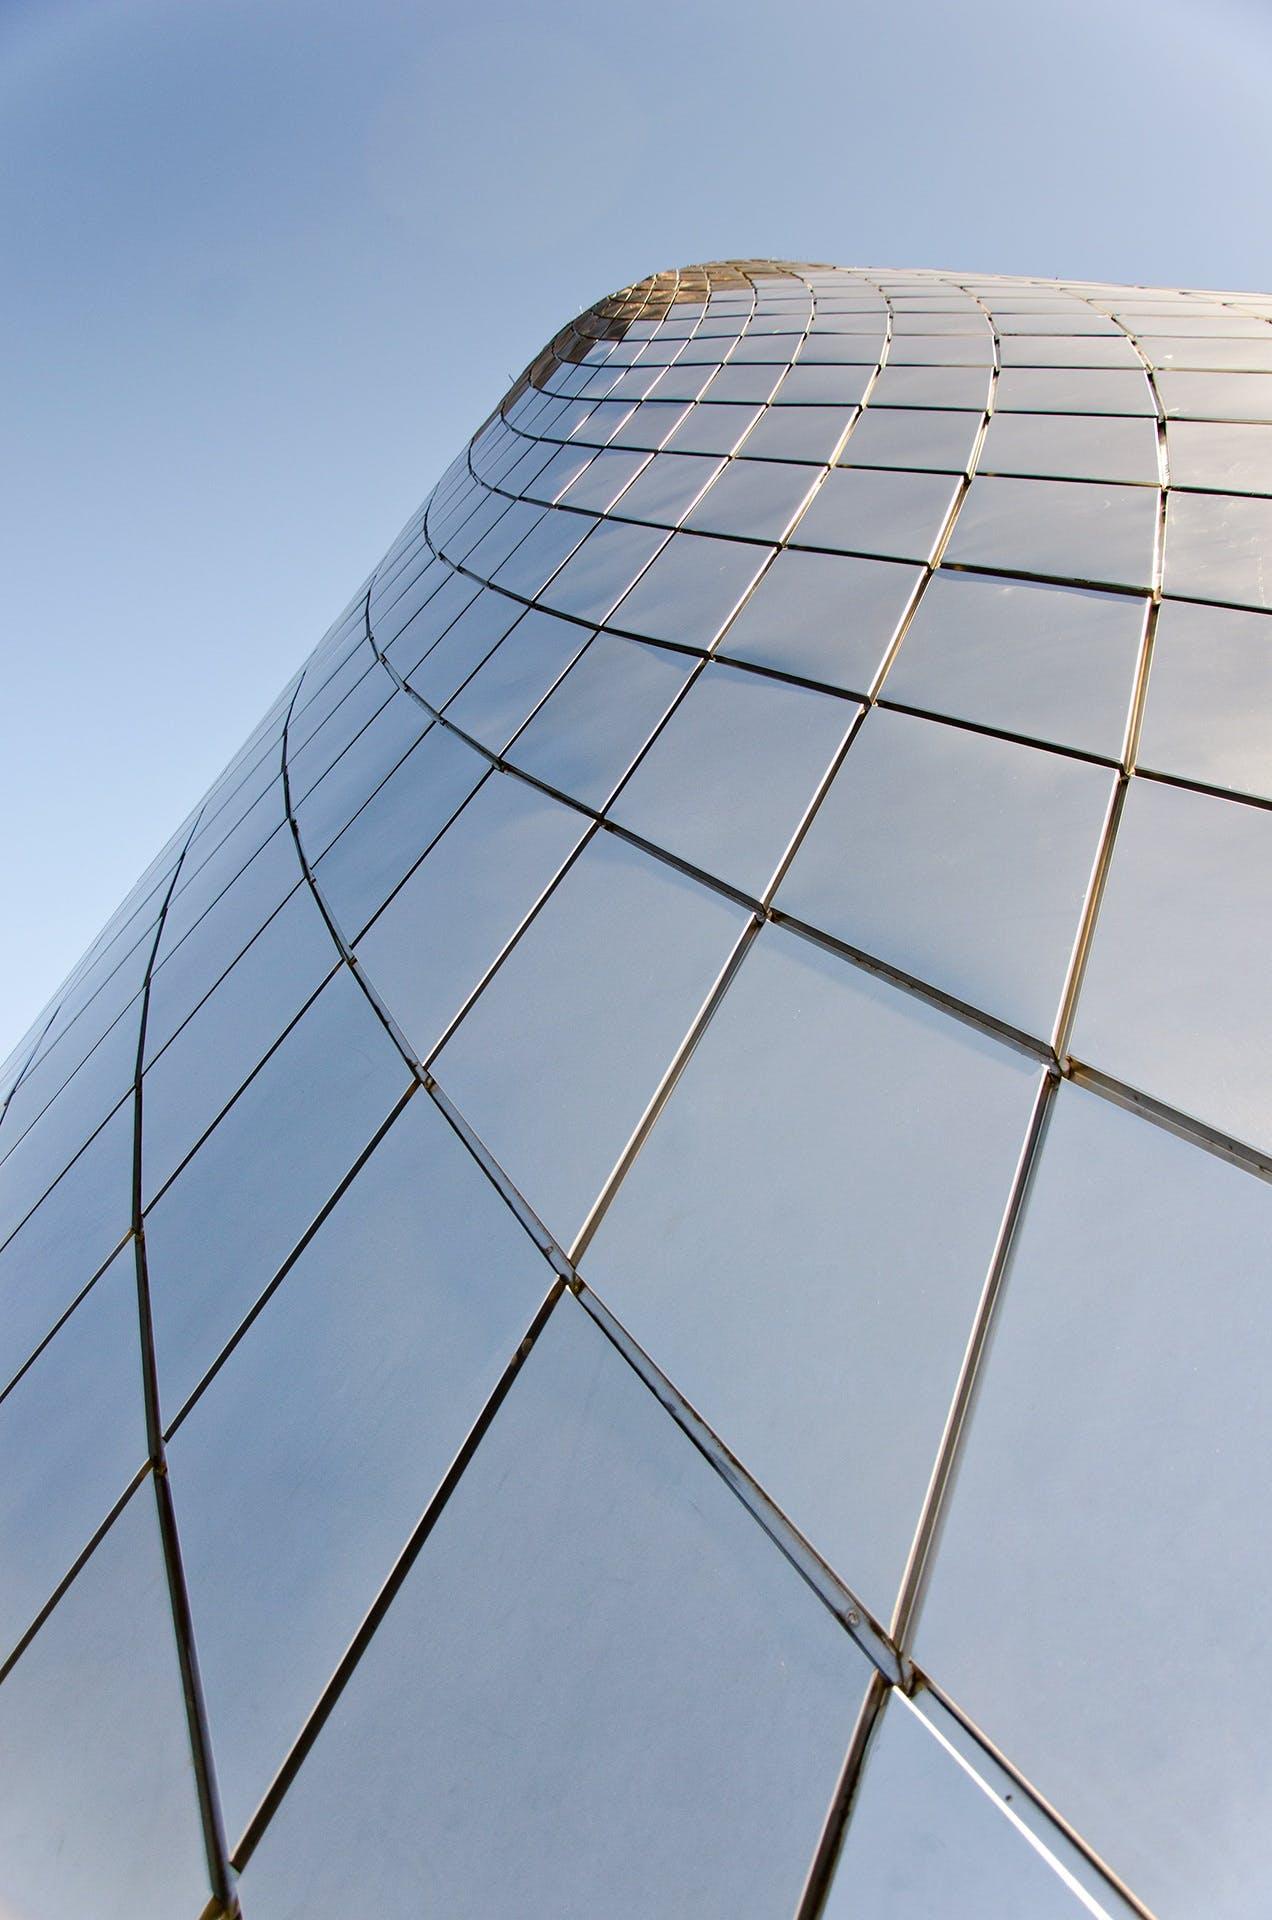 Foto profissional grátis de aço, arquitetônico, arquitetura, céu